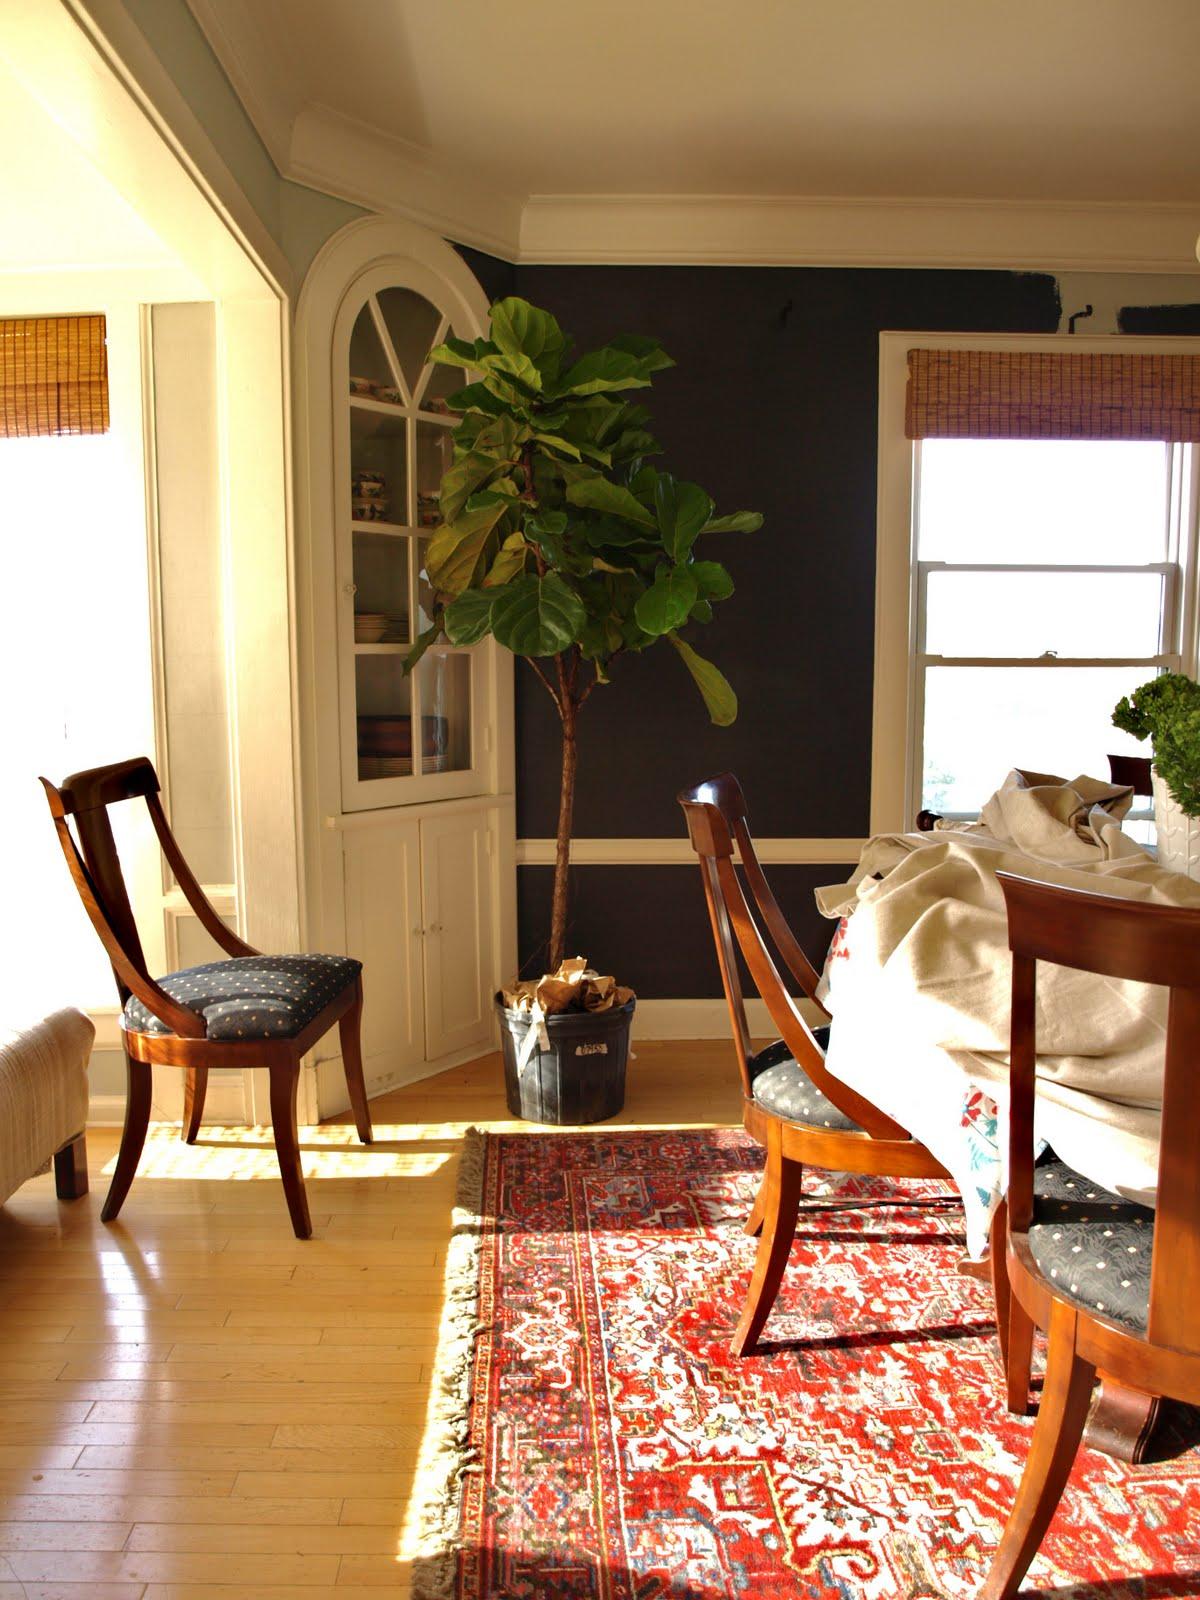 MODERNHAUS Designing a Dining Room : diningroompaint2B039 from modernhaus.blogspot.com size 1200 x 1600 jpeg 272kB